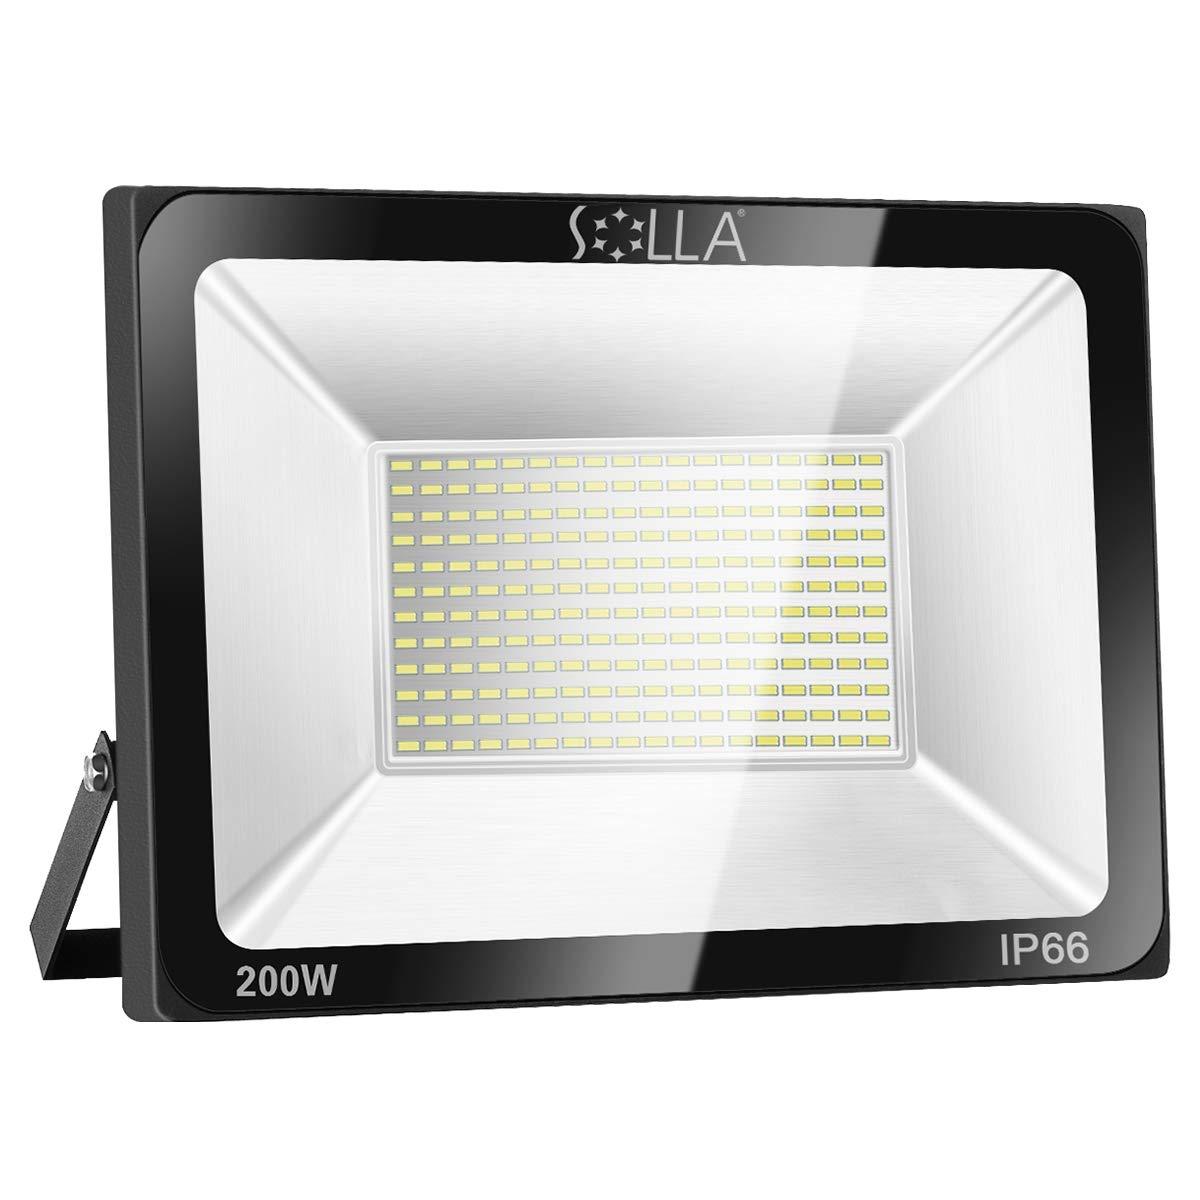 Foco LED 200W IP66 Luz de Seguridad Exterior Impermeable, 16000LM, Blanco Cálido 3000K, Foco Exterior de Pared para Patio, Garaje, Almacén, Parking, Jardín, Carreteras, Calles, Plazas, etc.: Amazon.es: Iluminación